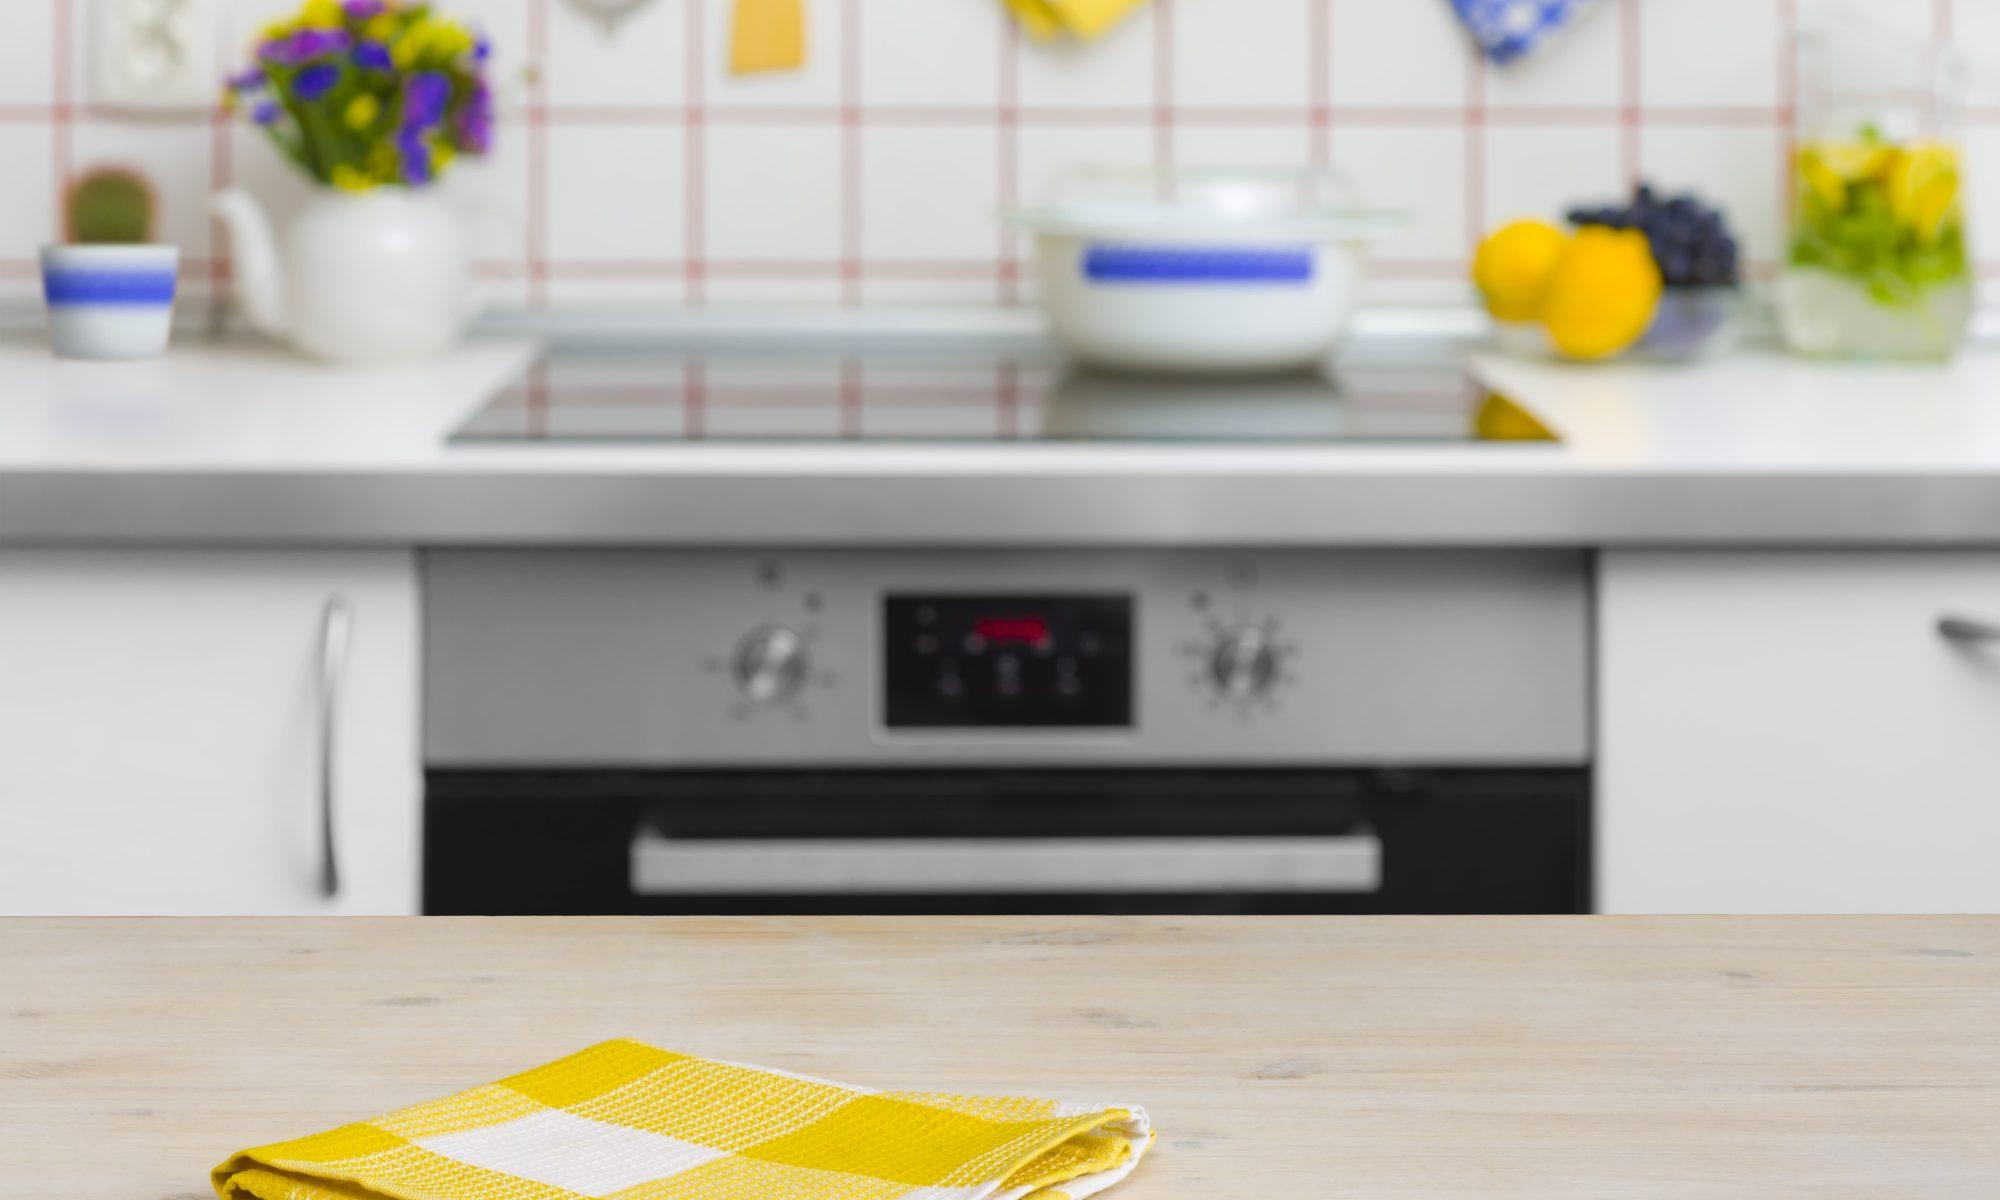 Protezione Piano Di Lavoro Cucina.Cucina I Prodotti Top Per Prendertene Cura